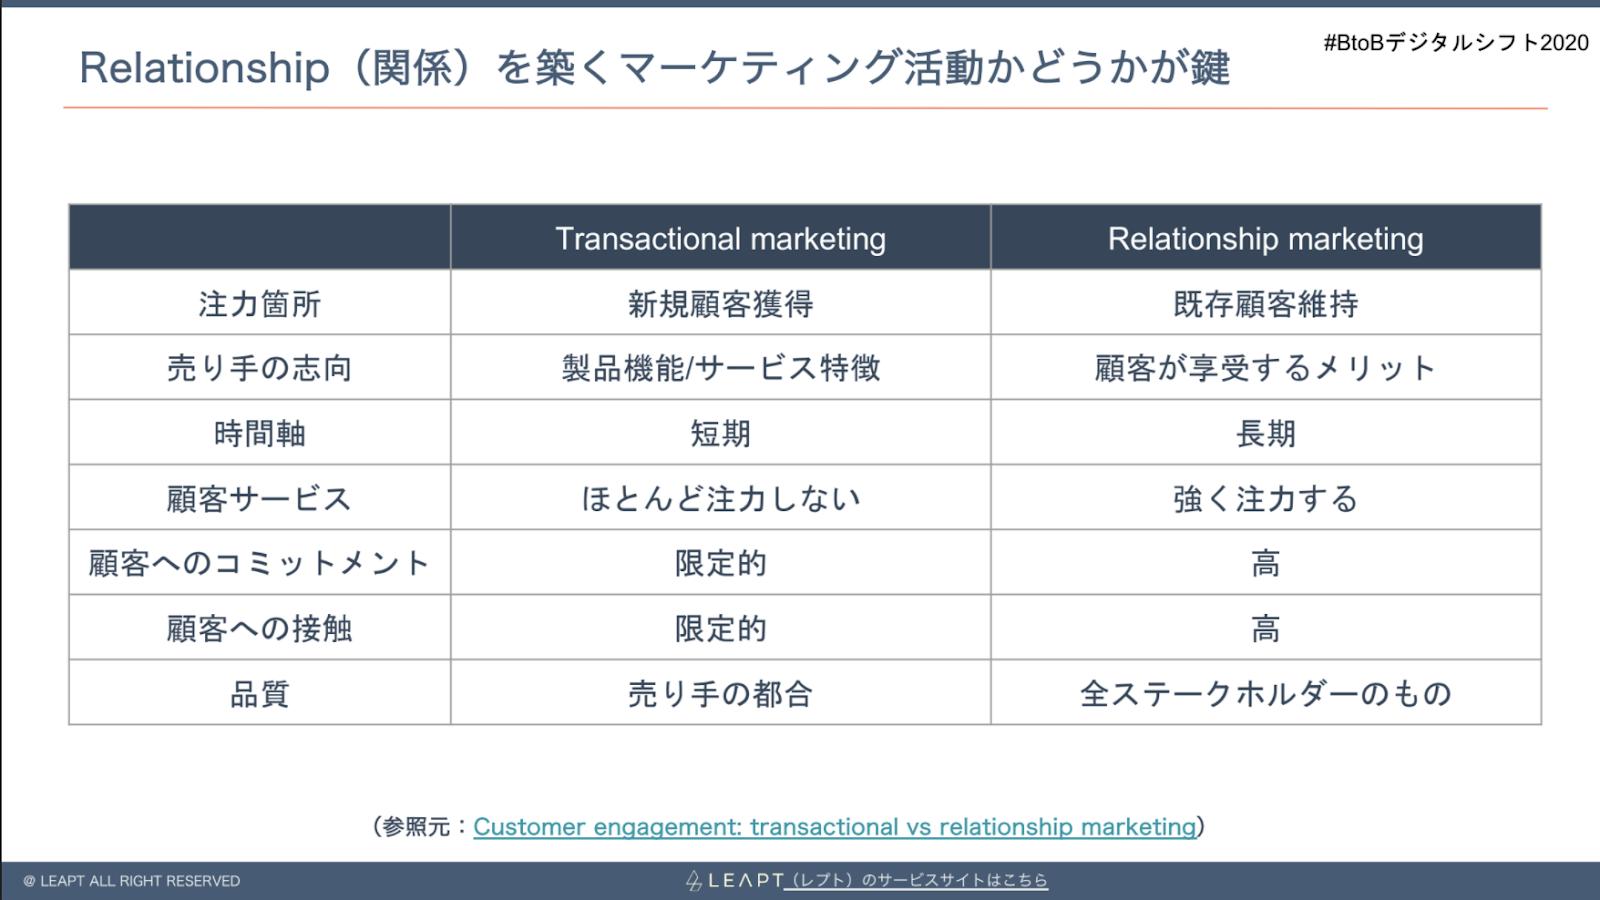 リレーションシップマーケティングの特徴